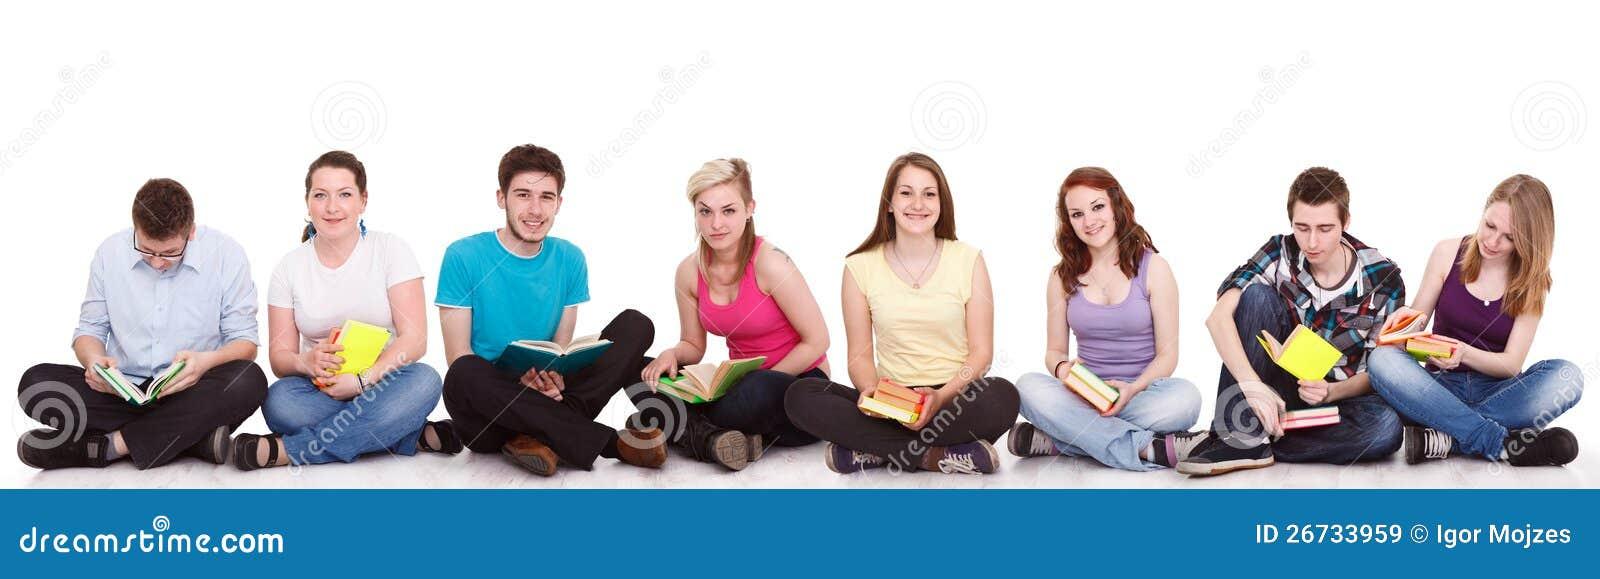 Grupo de estudiantes que se sientan en el suelo